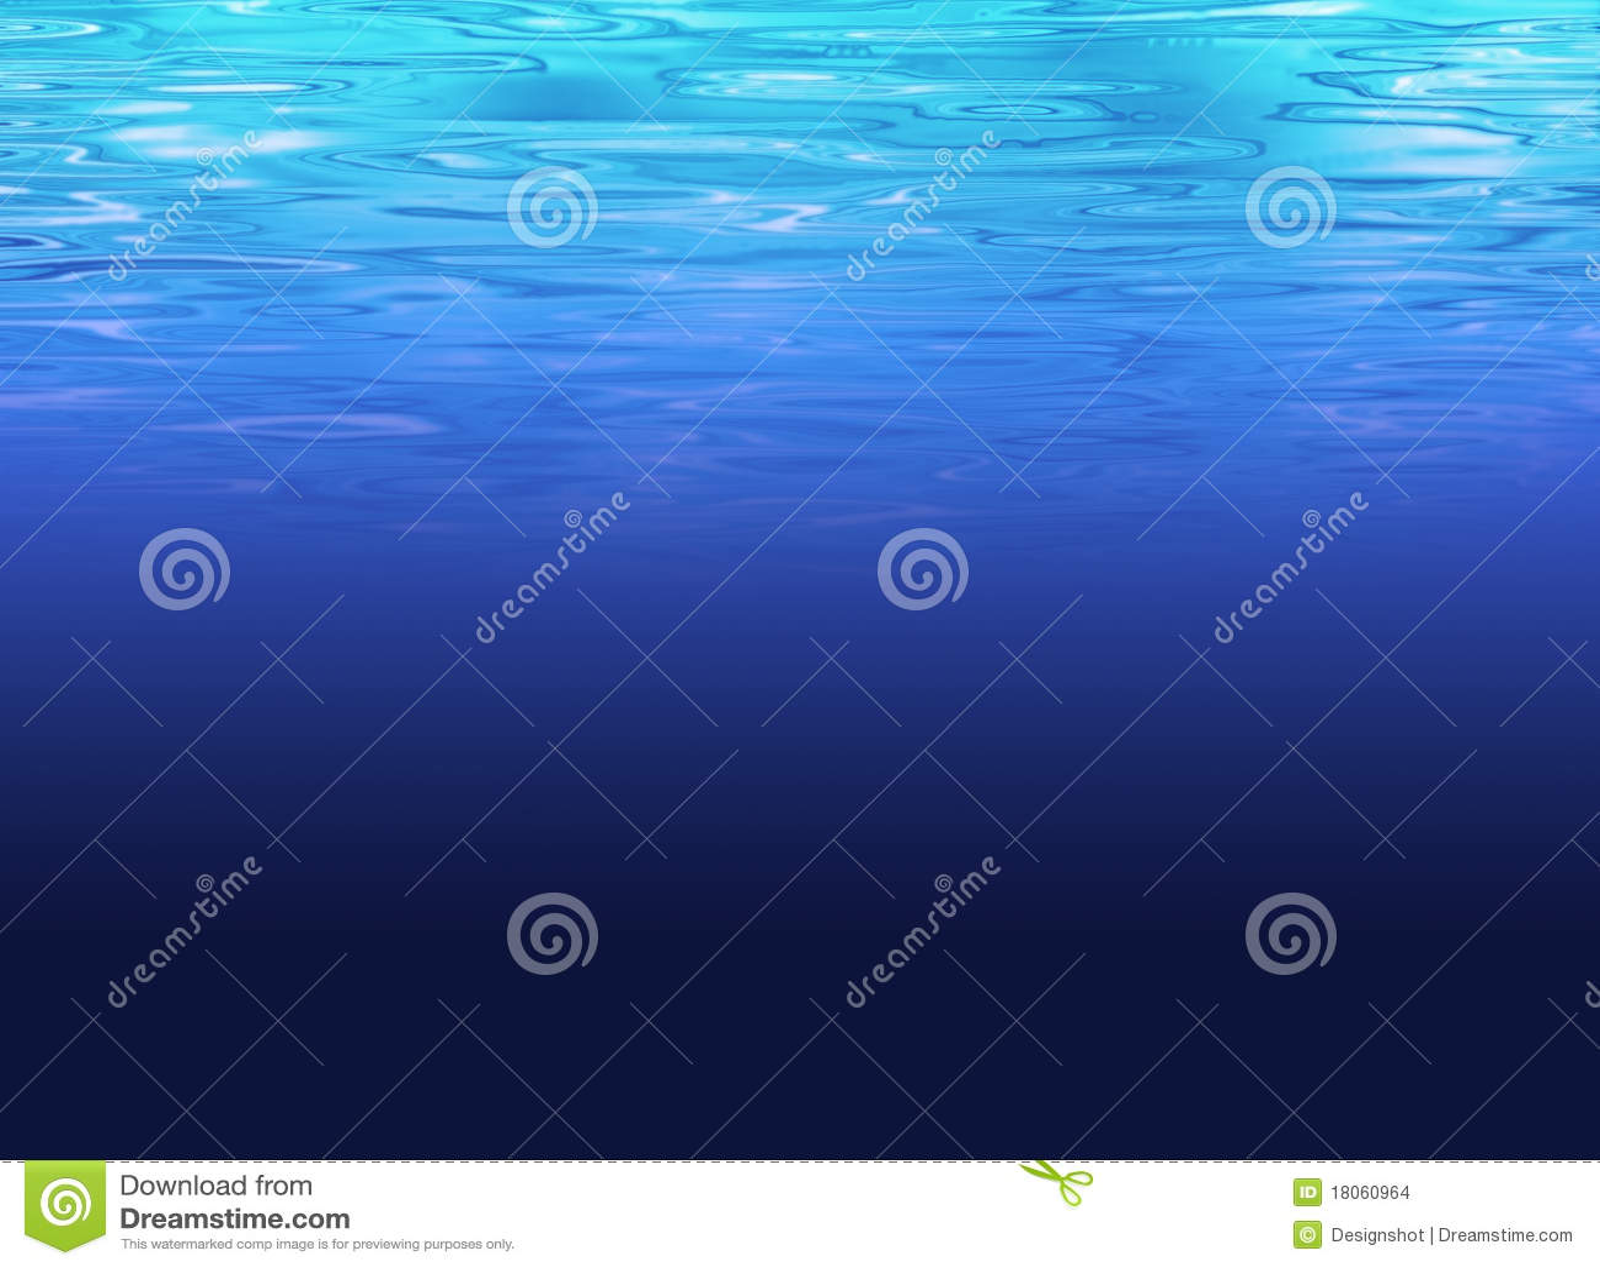 Images stock: nettoyez le fond de mer profonde - l eau bleue claire